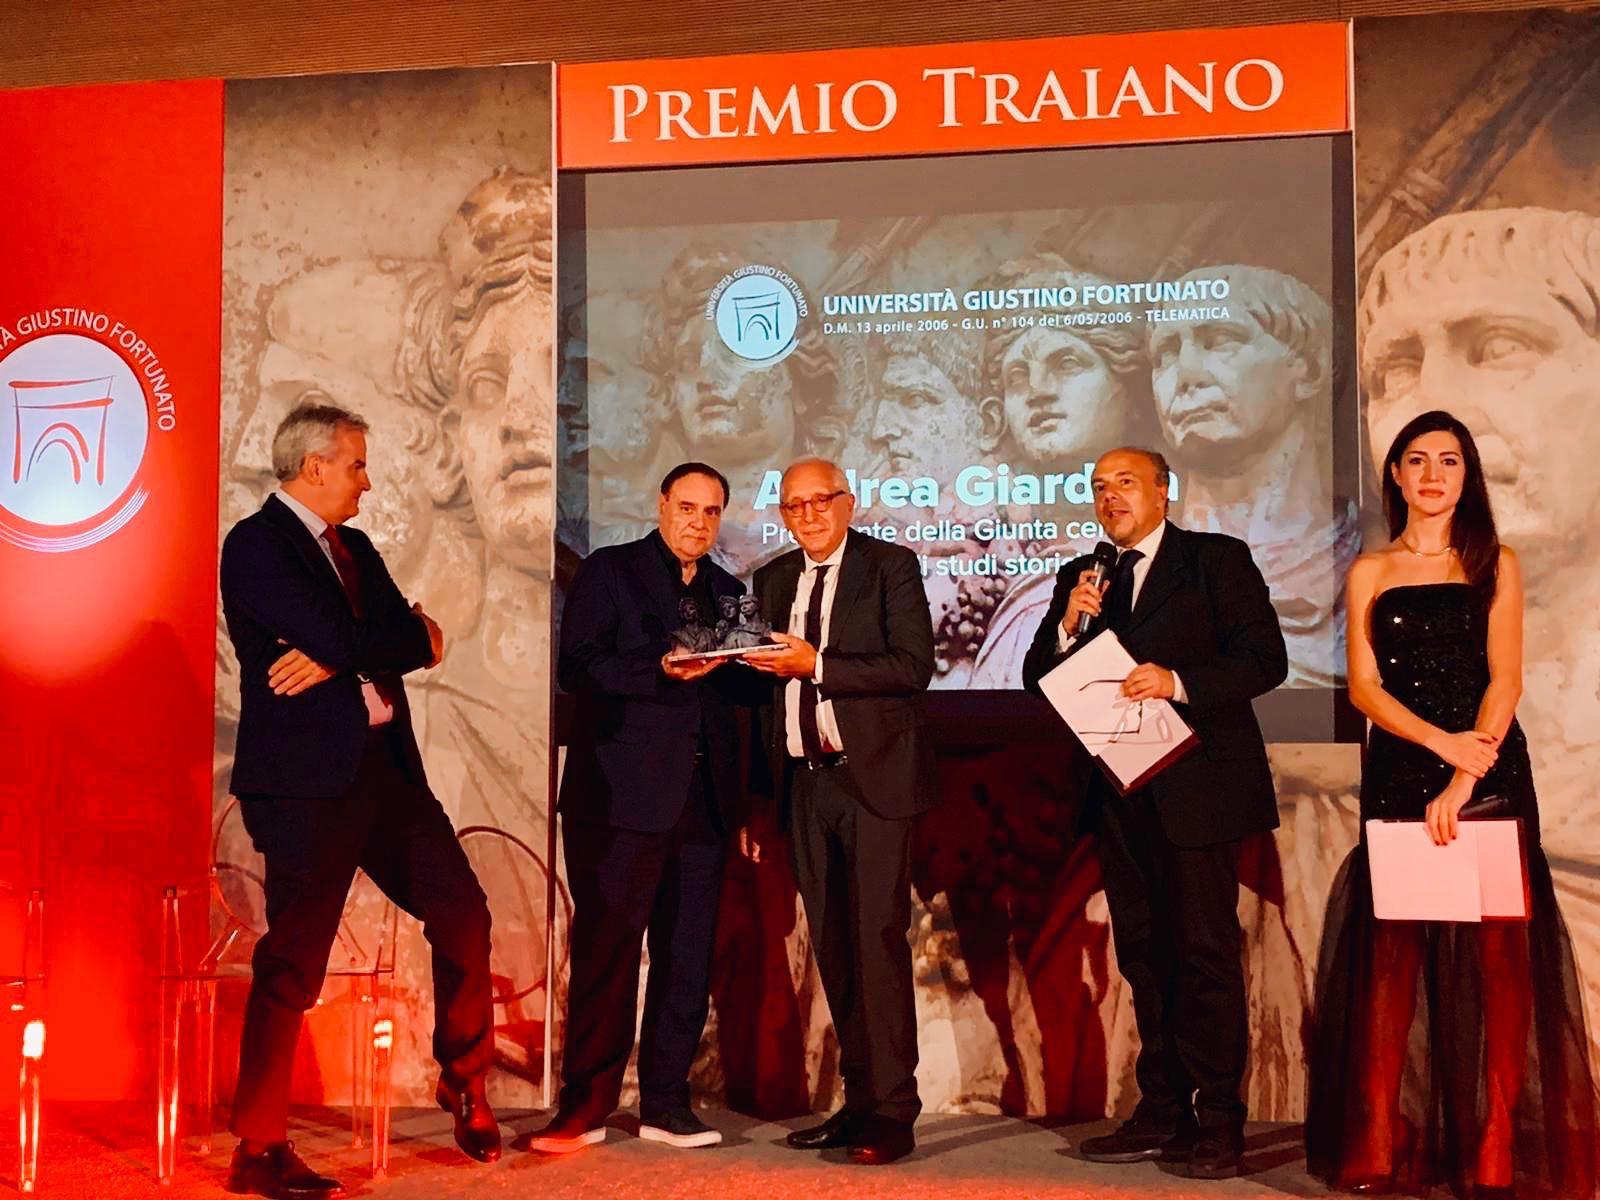 """Successo per il Premio Traiano. Giardina: """"Bellissimo riceverlo per uno storico romano"""""""